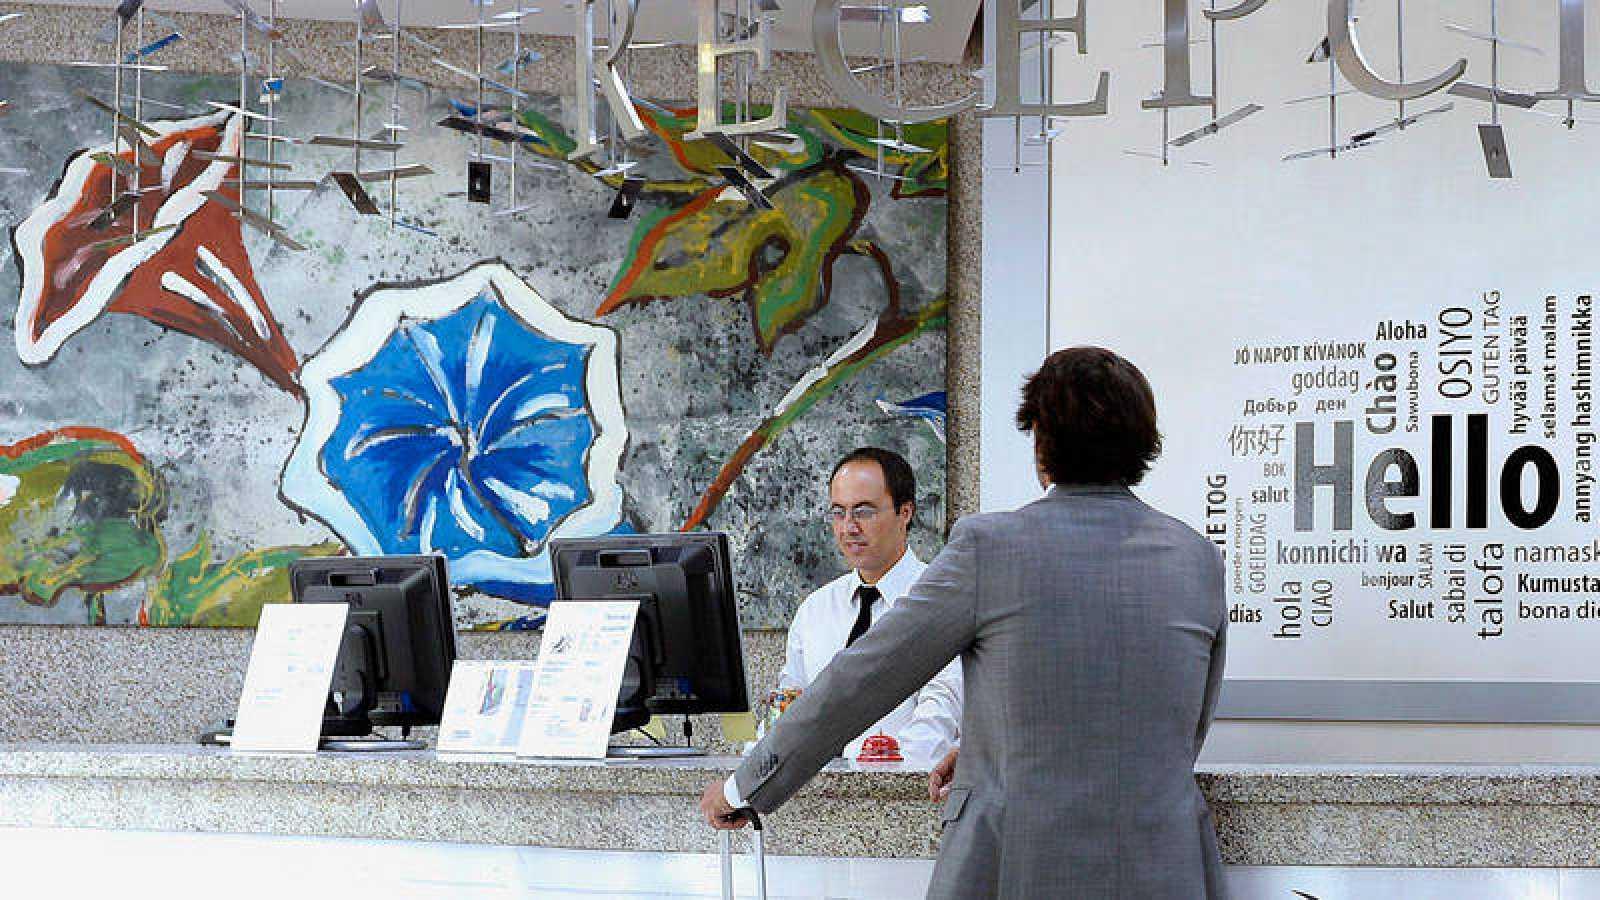 Un hombre recibe la atención del recepcionista en un hotel en una imagen de archivo